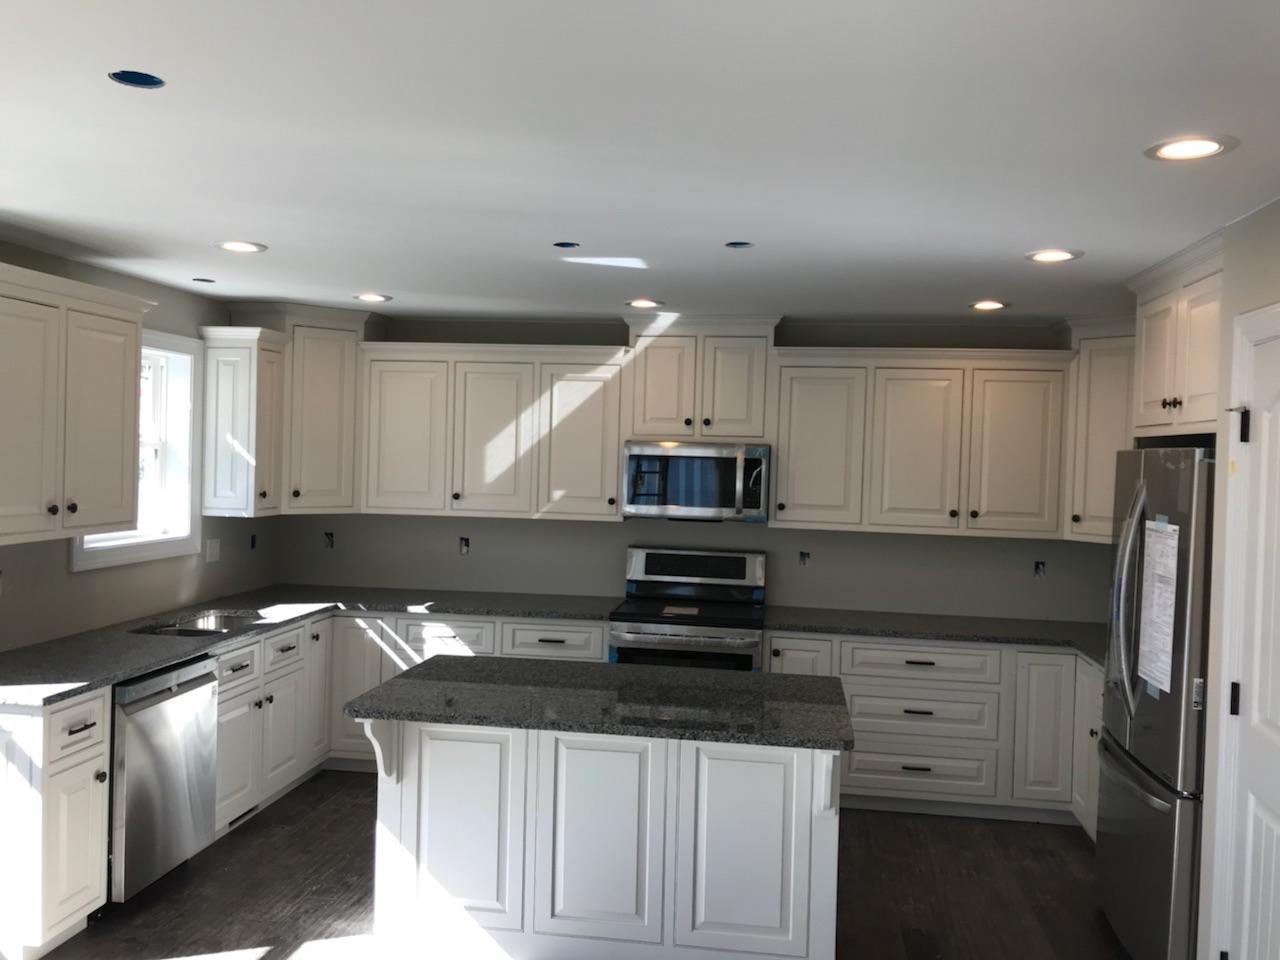 16 - kitchen 2.jpg